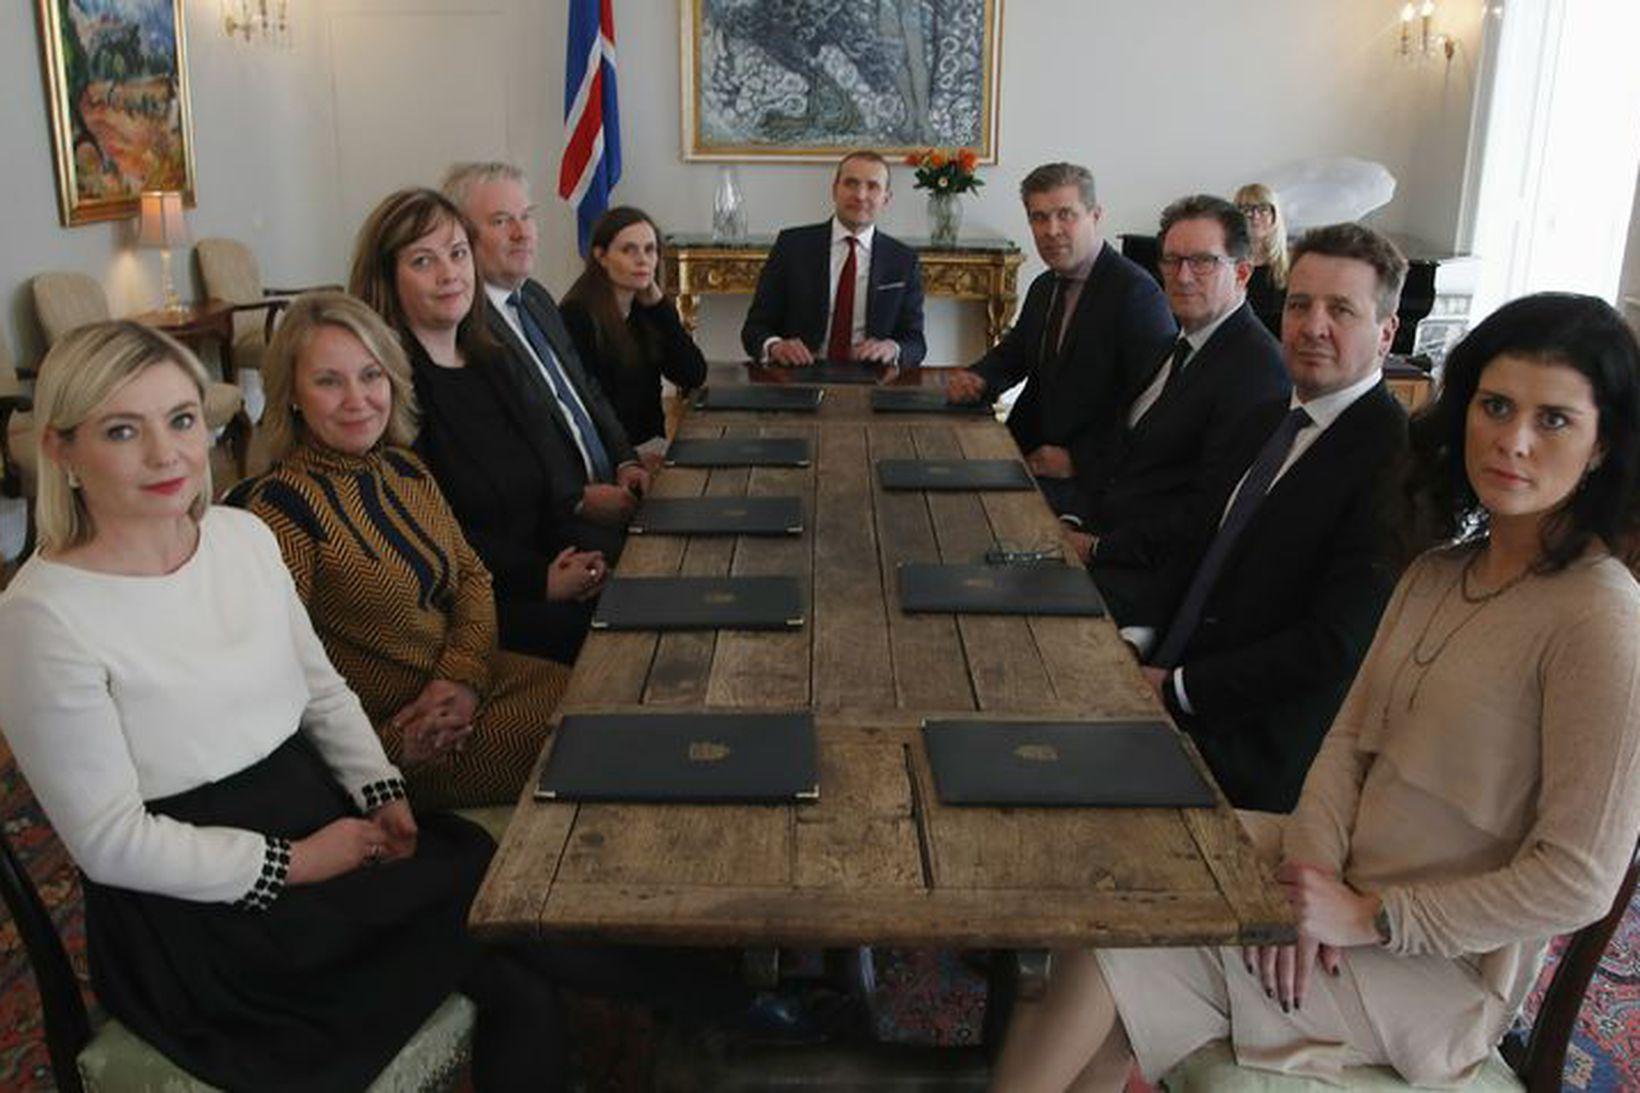 Ríkisstjórn Íslands við upphaf fundarins.